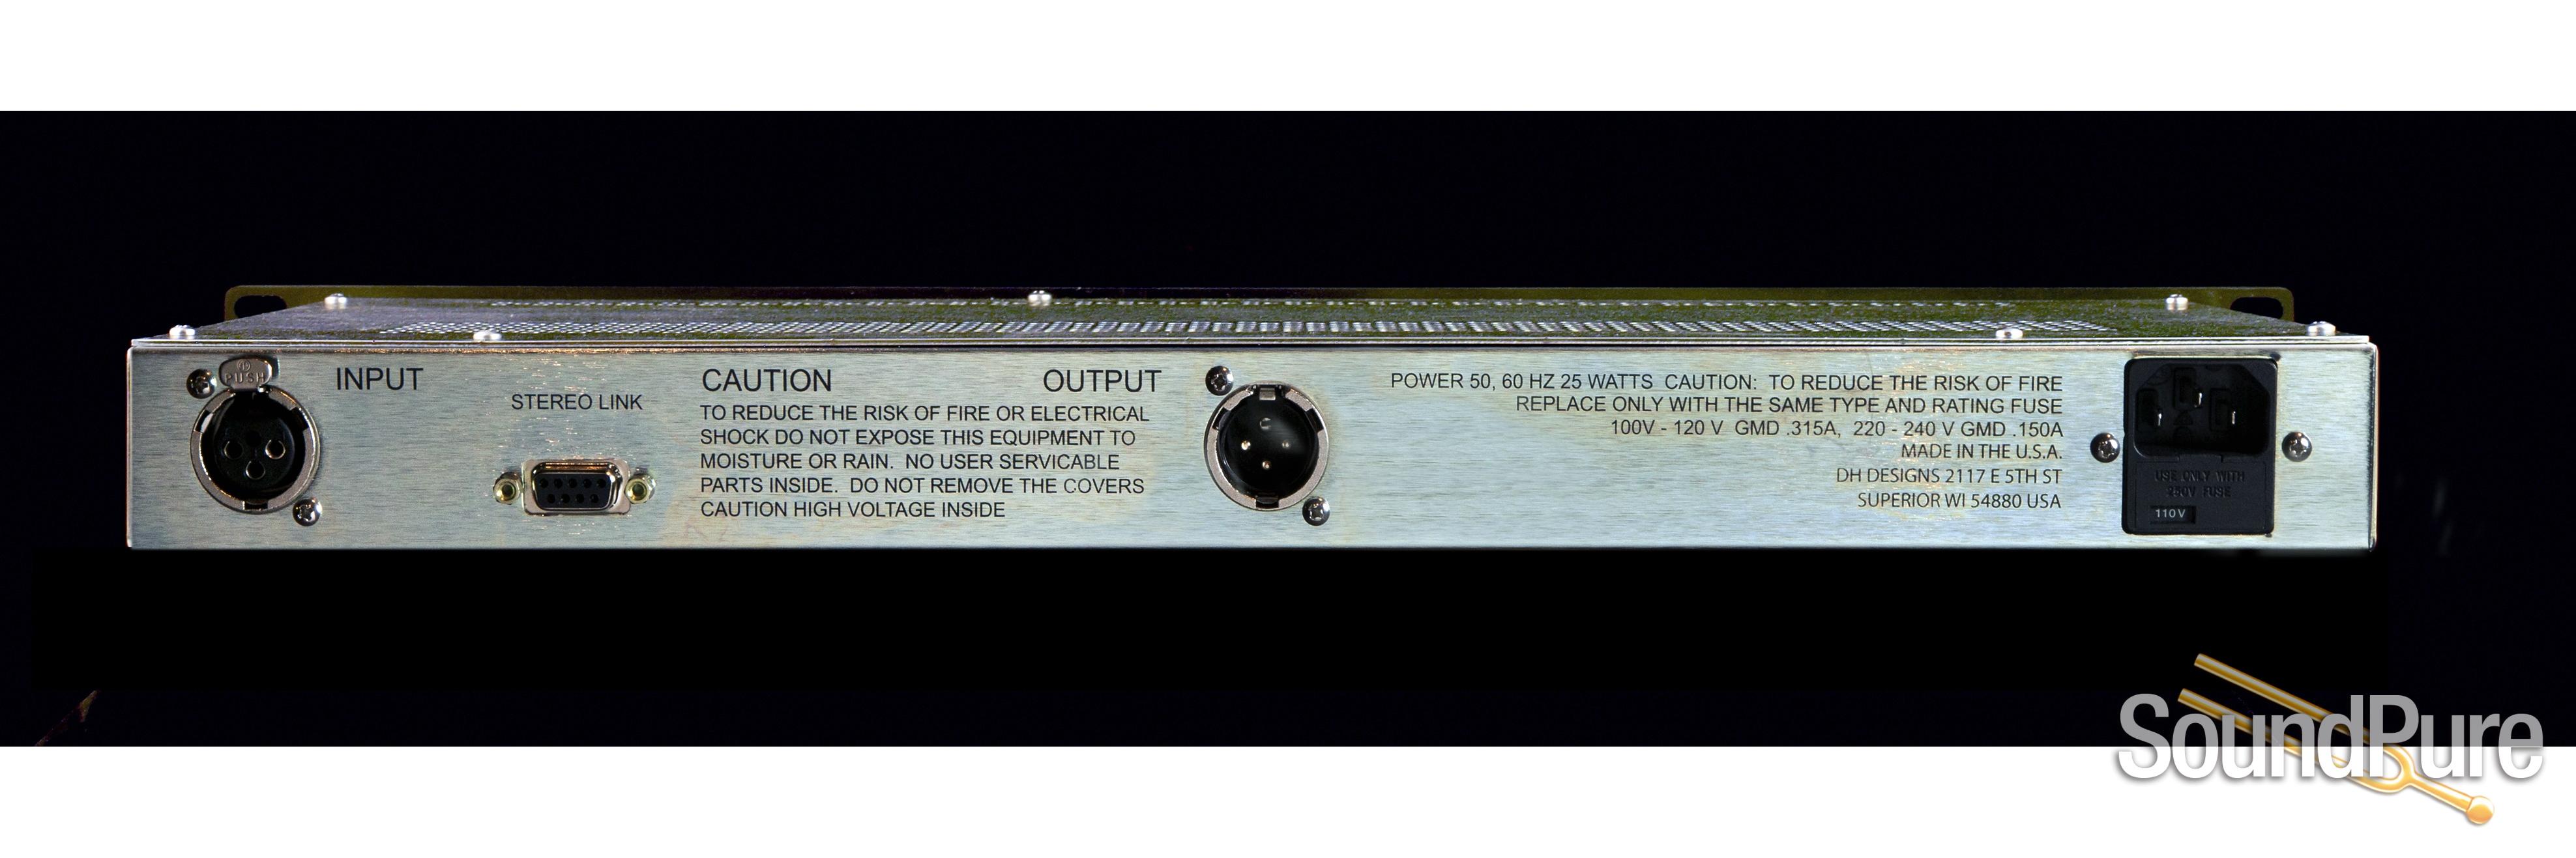 Dave Hill Designs Titan Single Channel Compressor Limiter Demo Fuse Box Location Open From Design